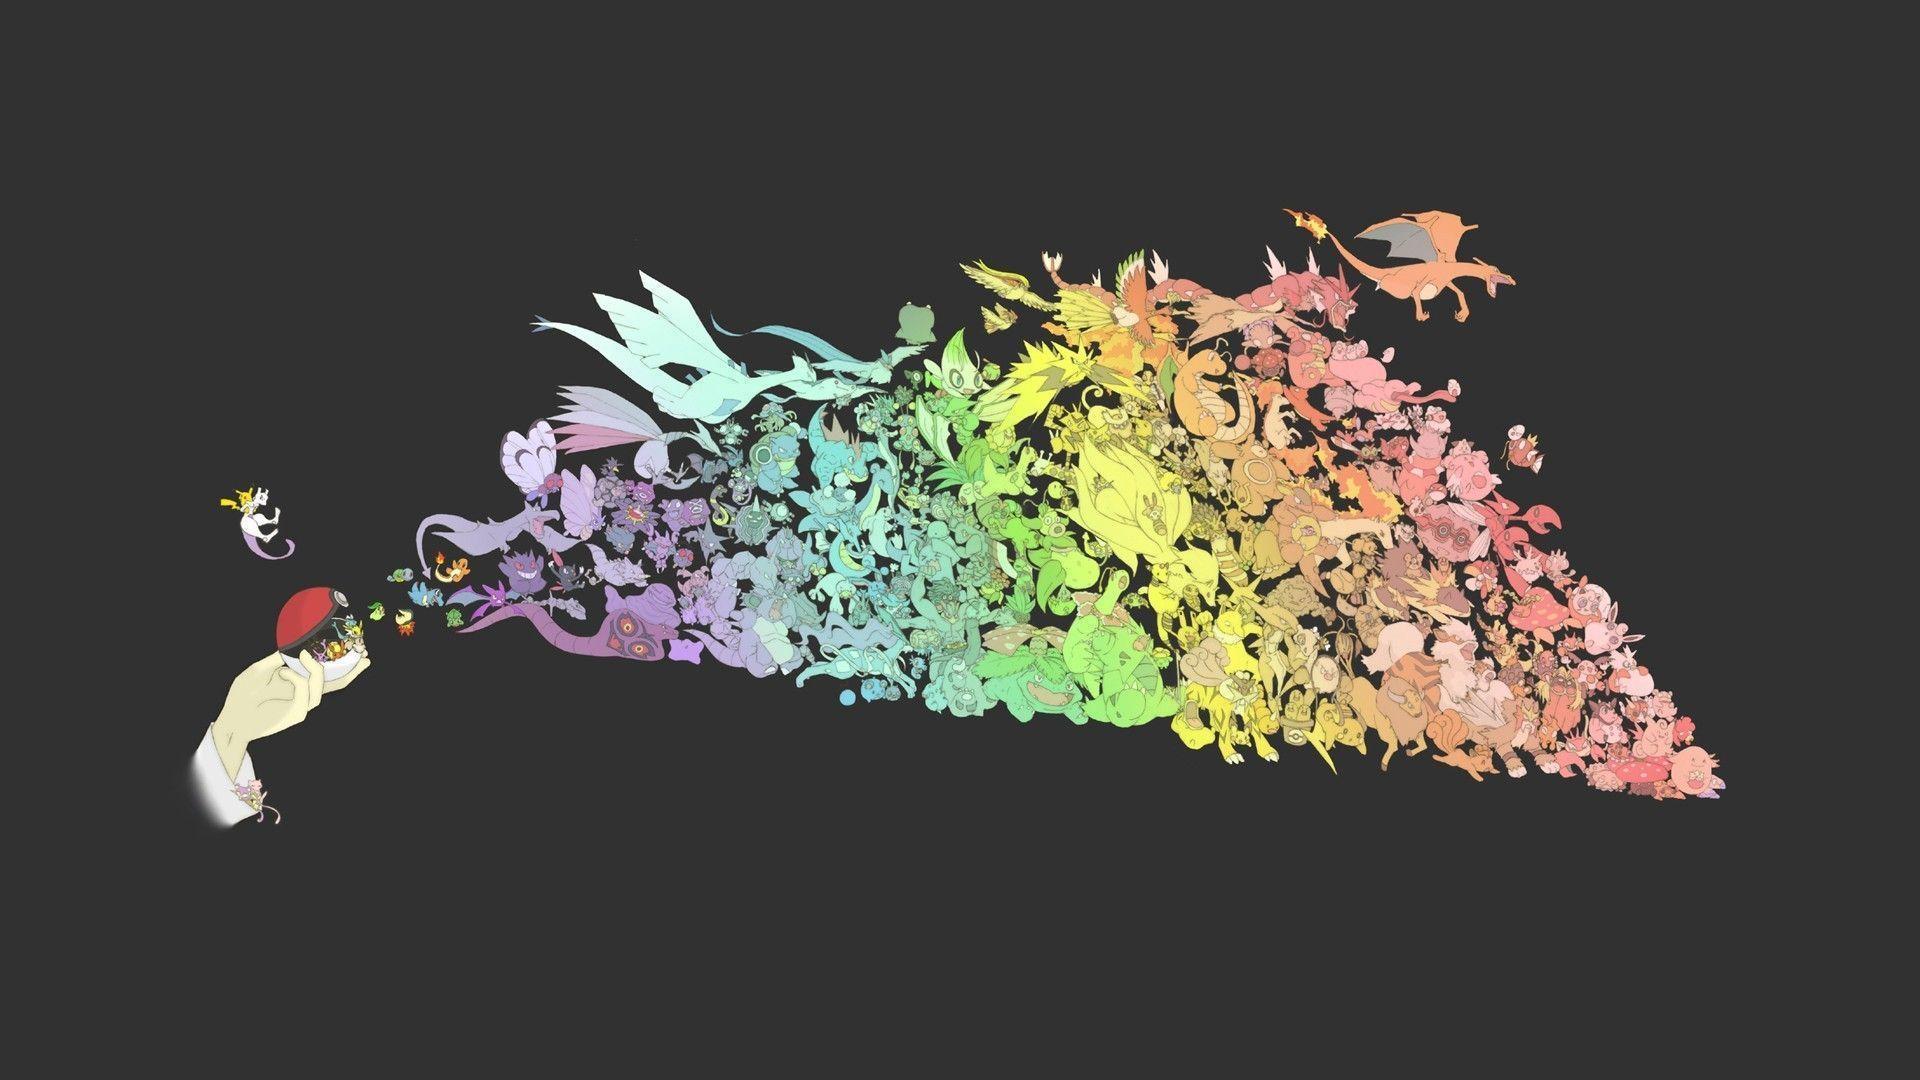 pokemon wallpaper in hd - photo #24